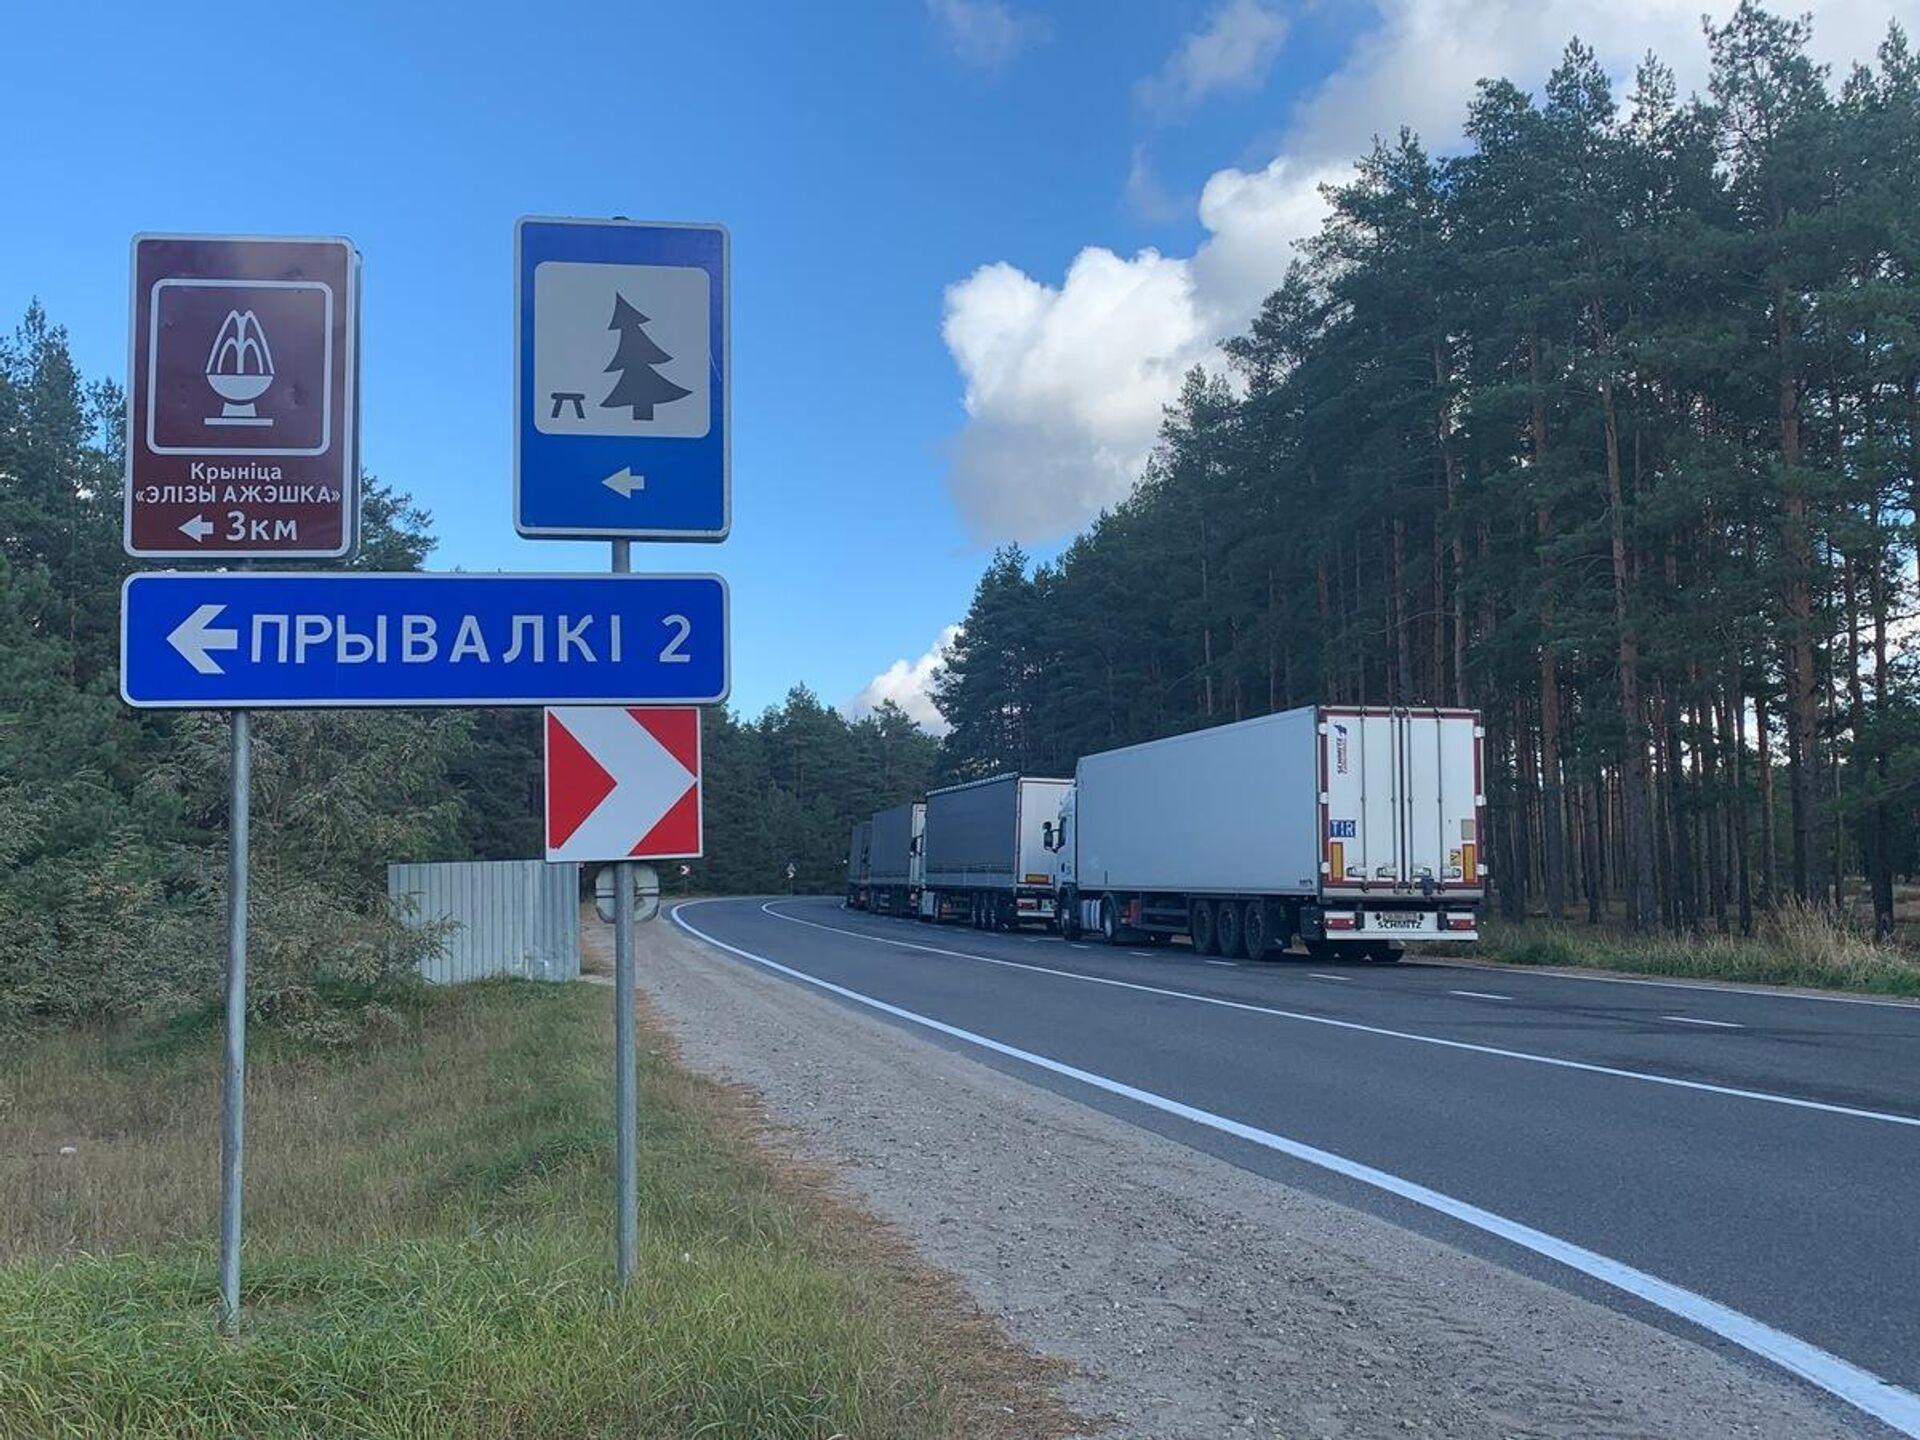 Дальнобойщики обратили внимание, что ситуация с очередями на въезде в Литву хуже, чем весной - Sputnik Беларусь, 1920, 14.10.2021